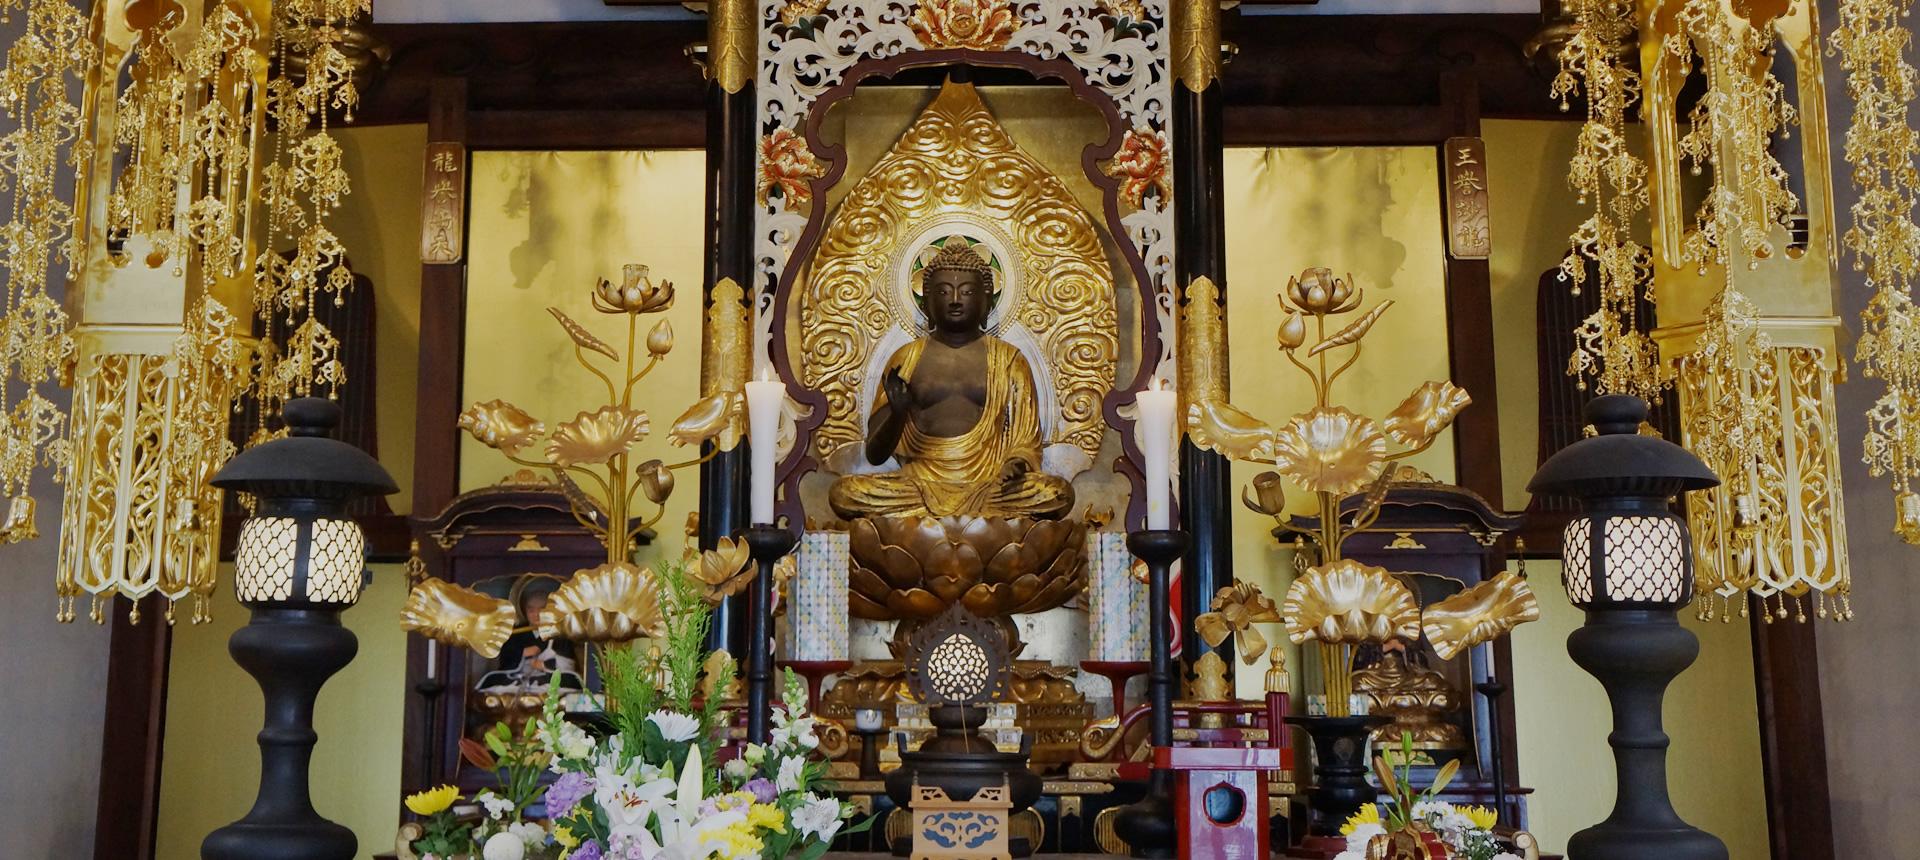 法要(法事)・先祖供養・水子供養、永代供養墓のことなら福岡県宮若市の光明寺へ